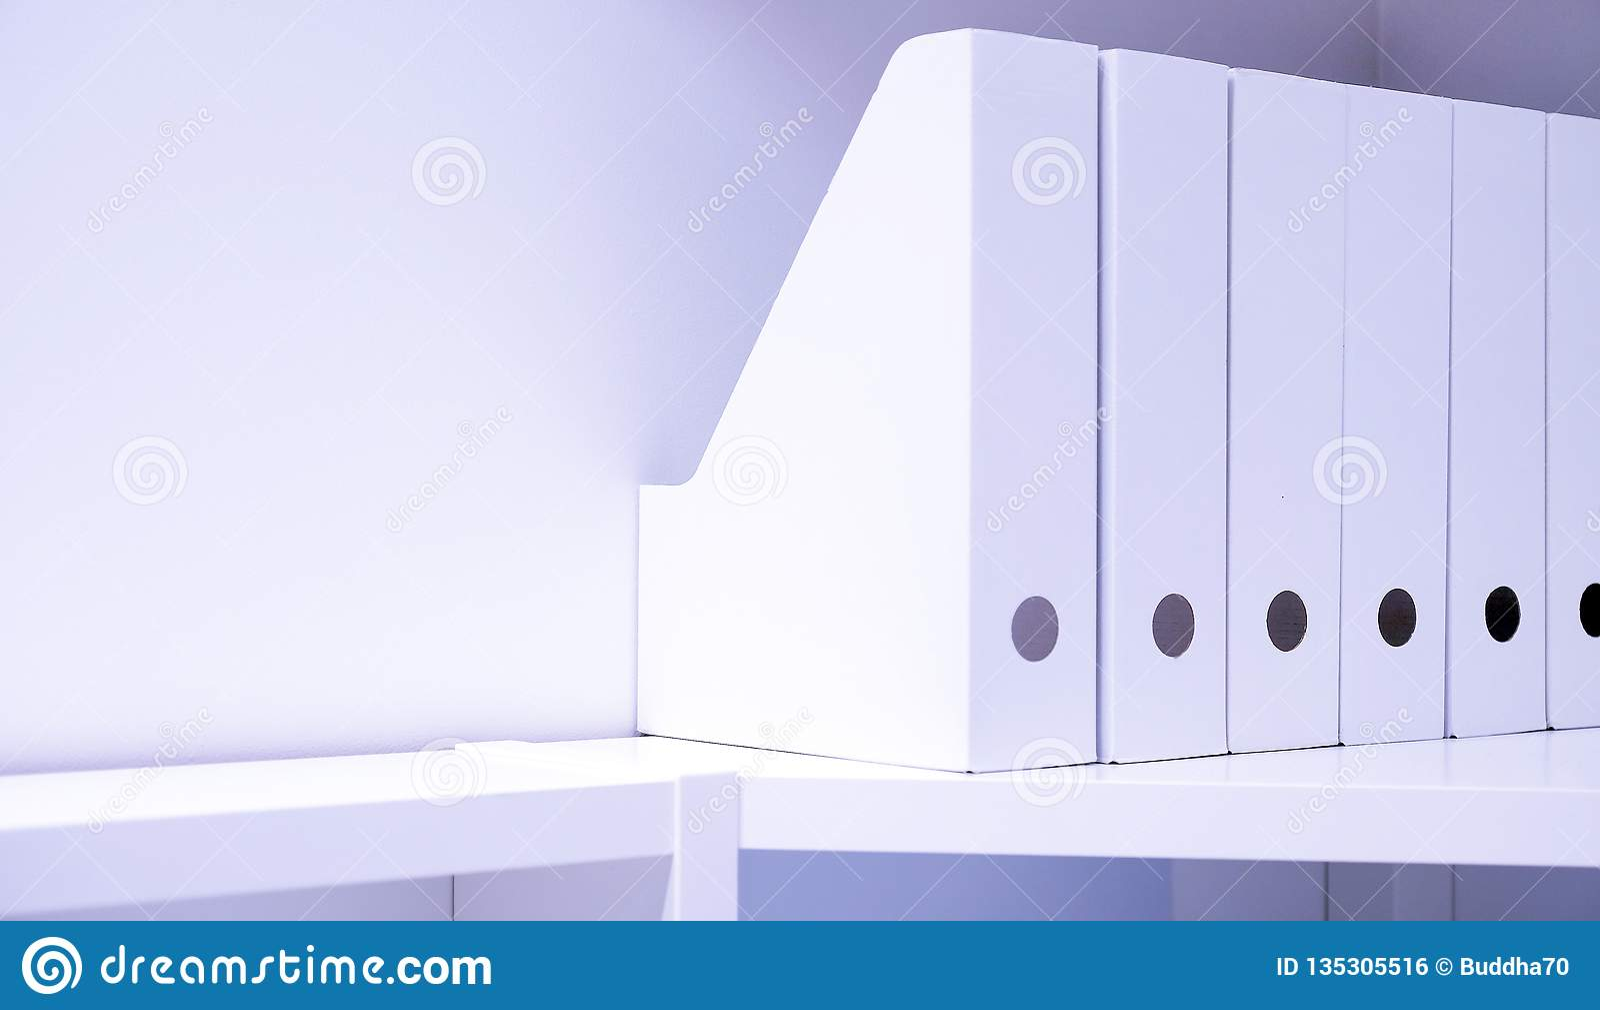 Dla dokumentów biurowe falcówki Falcówka z kartotekami na kredensie w biurze, archiwum i dokumentach jaskrawych nowożytnych,